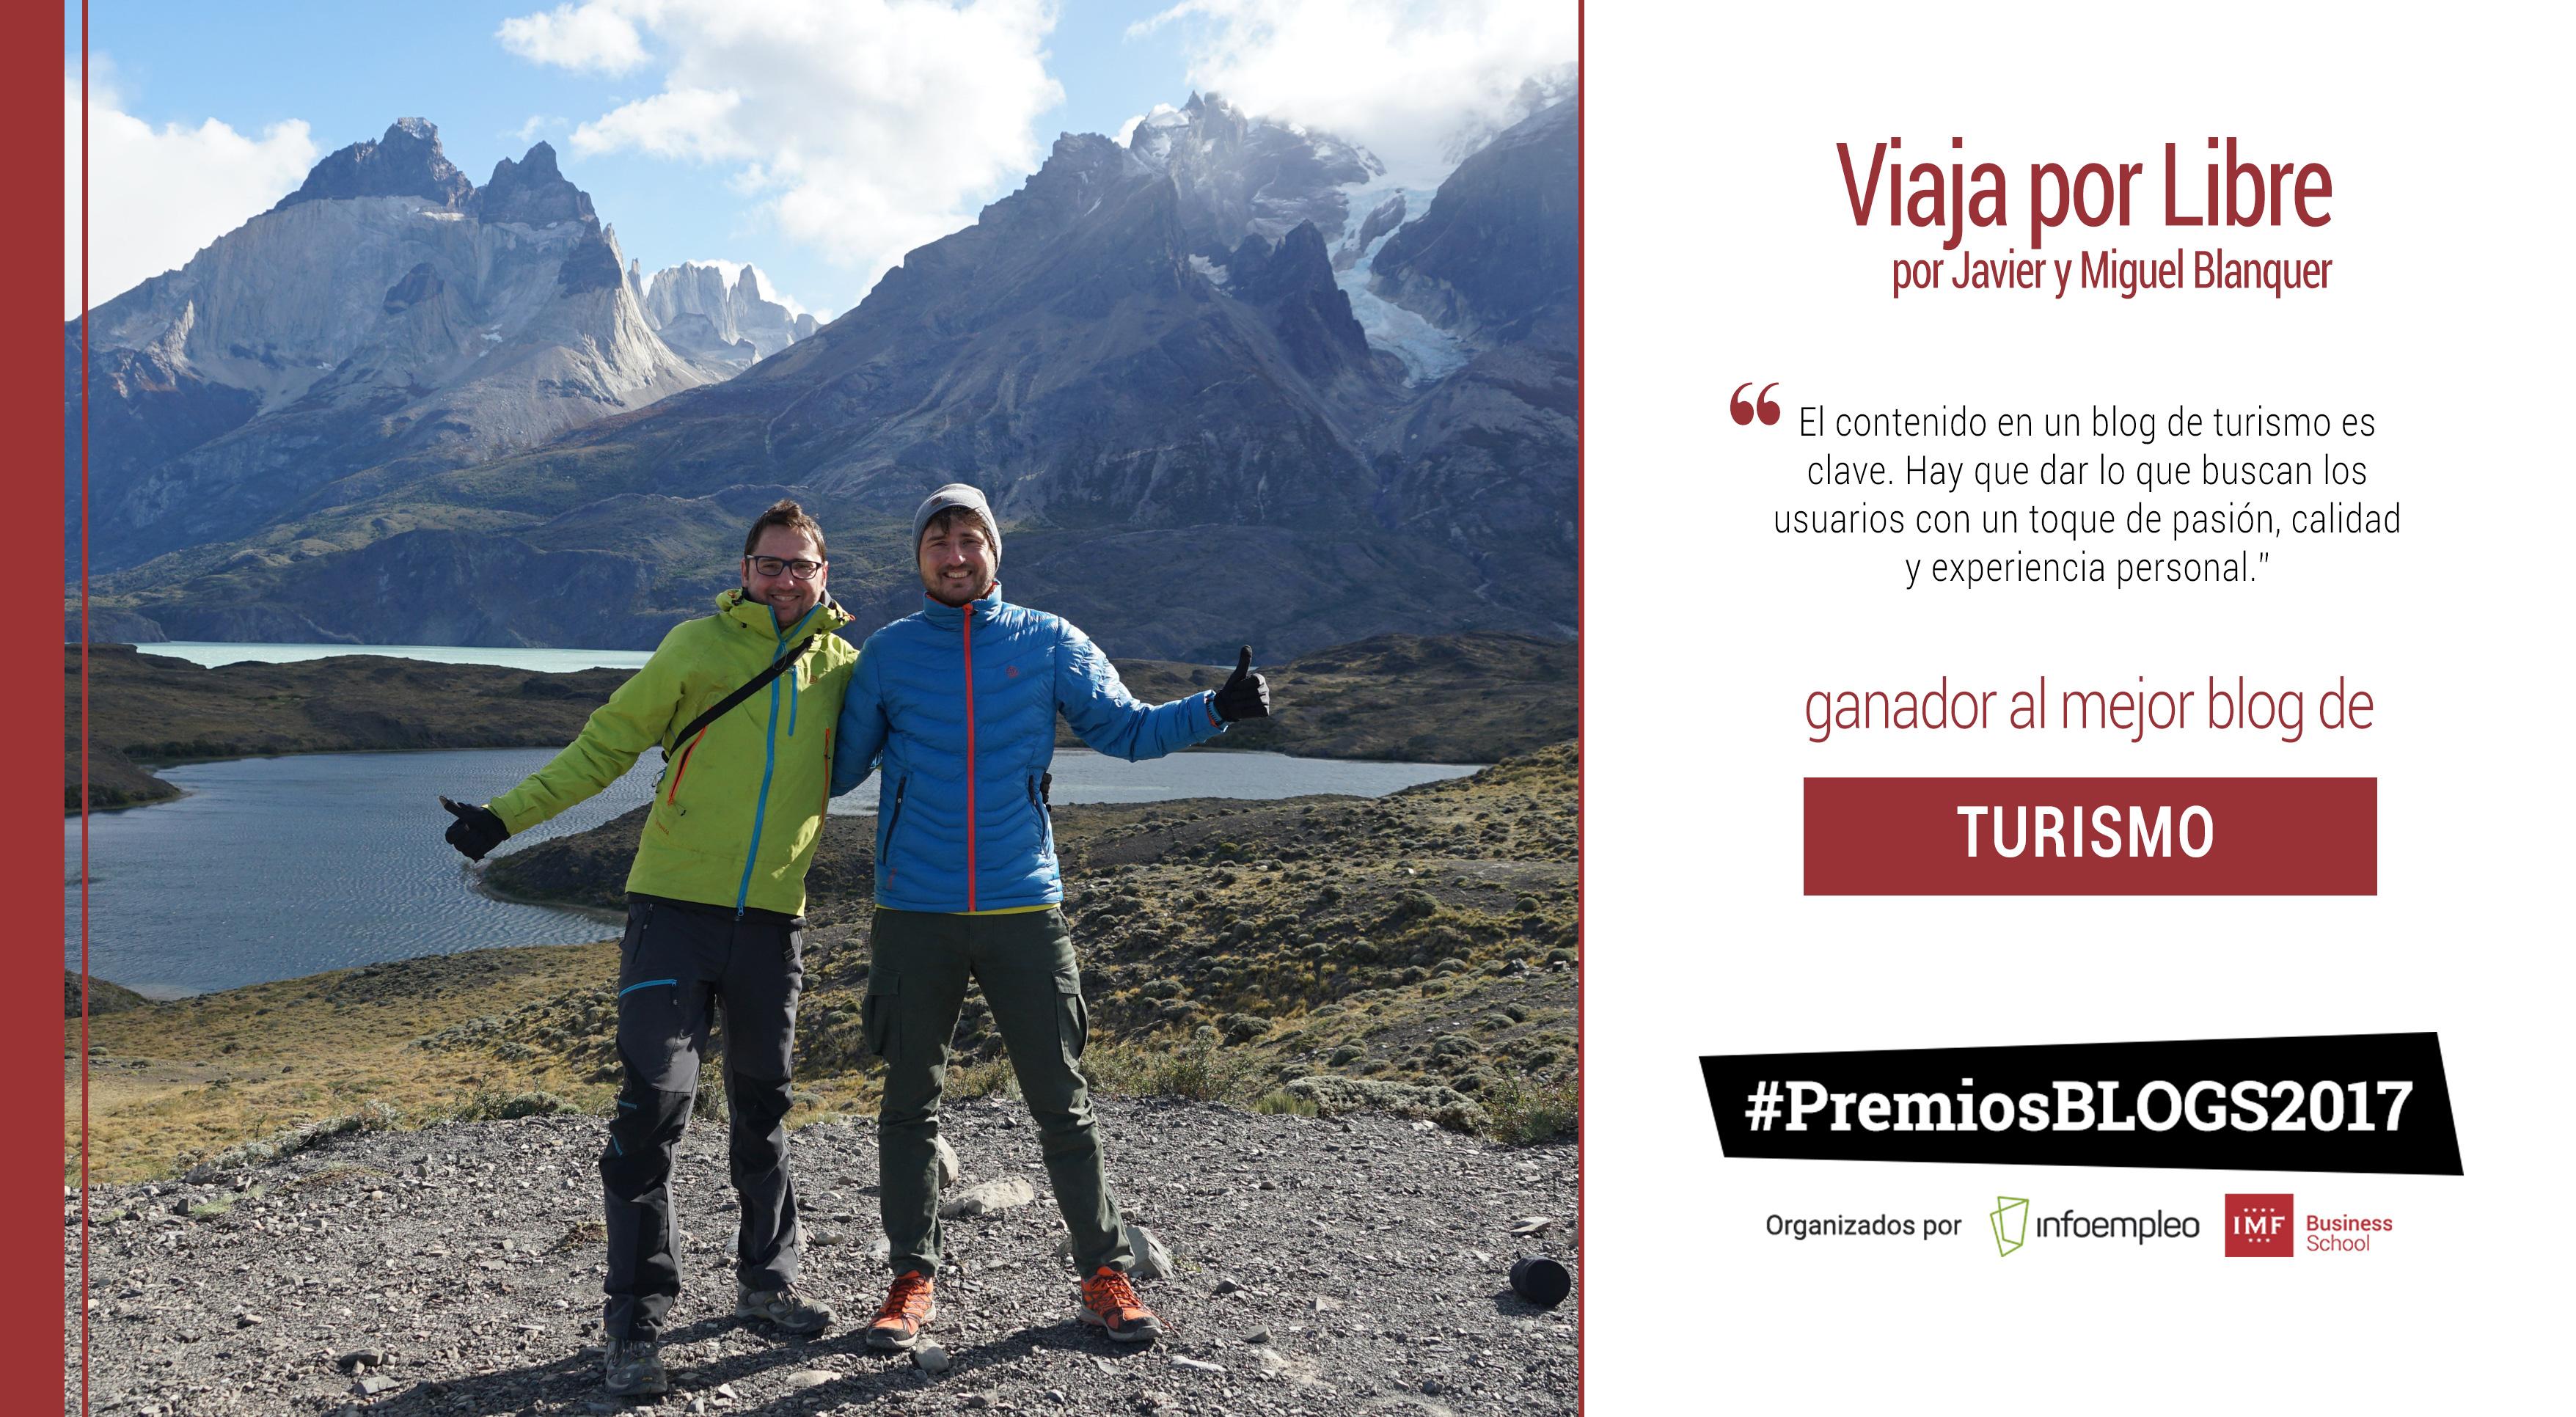 Viaja por Libre, mejor blog de turismo en los #PremiosBlogs2017